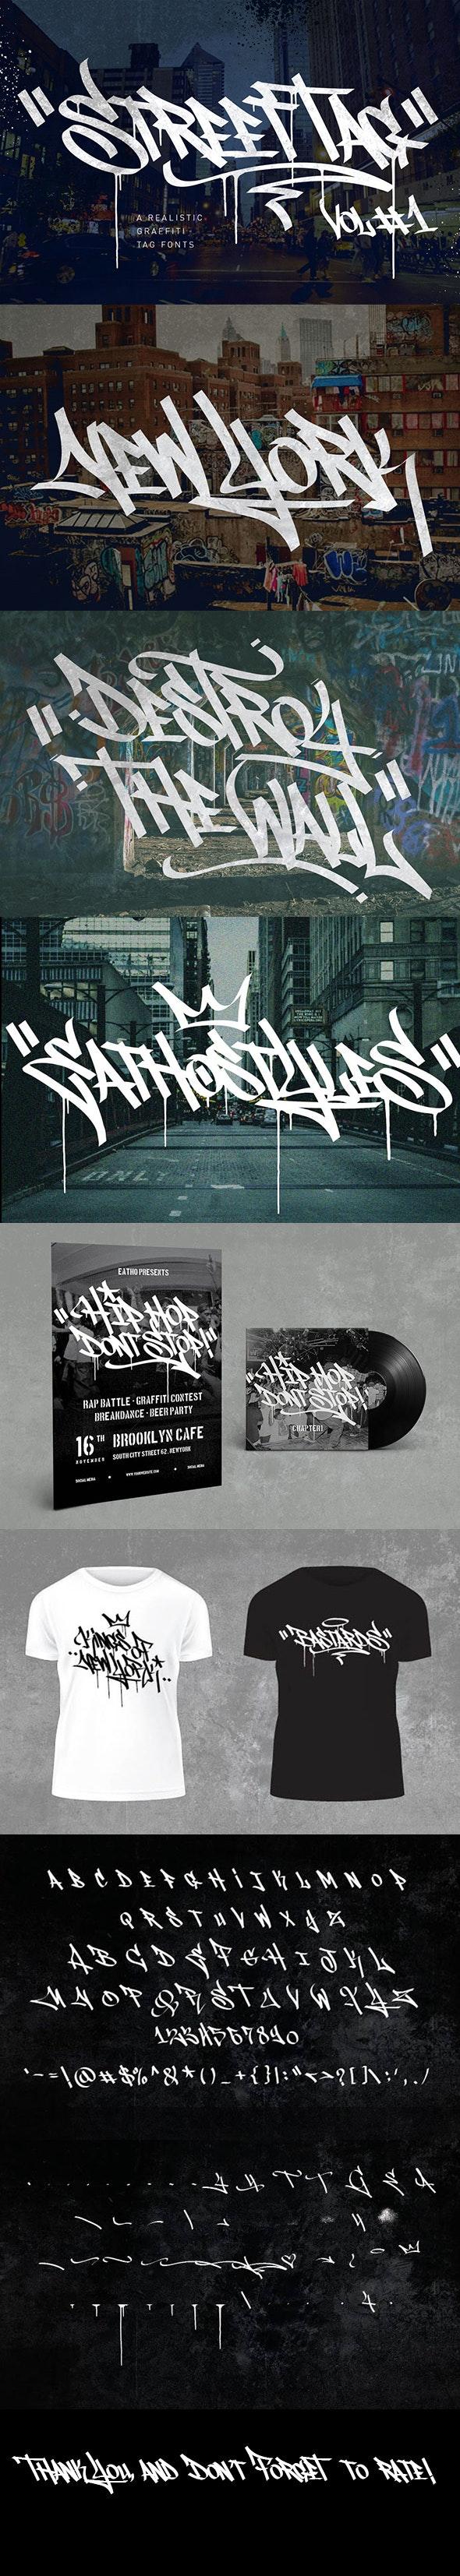 Graffiti Fonts | Street Tag Vol 1 - Graffiti Fonts